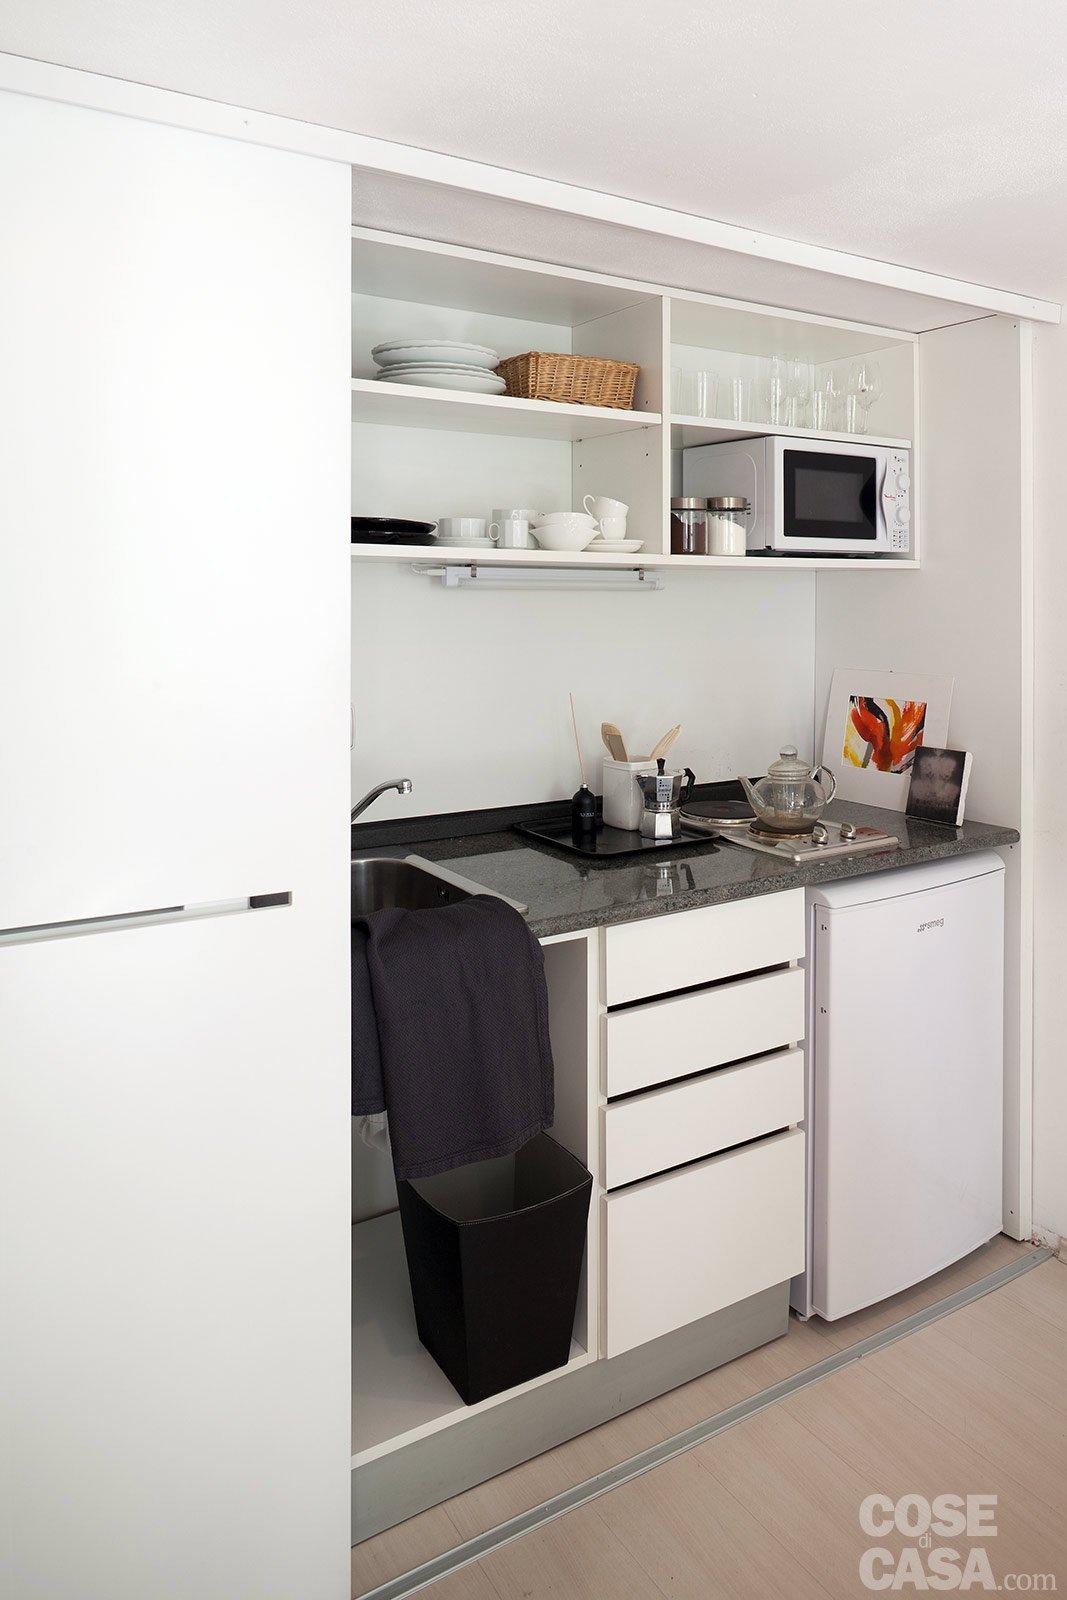 Monolocale una casa di 30 mq risolta al centimetro cose - Arredare casa 30 mq ikea ...